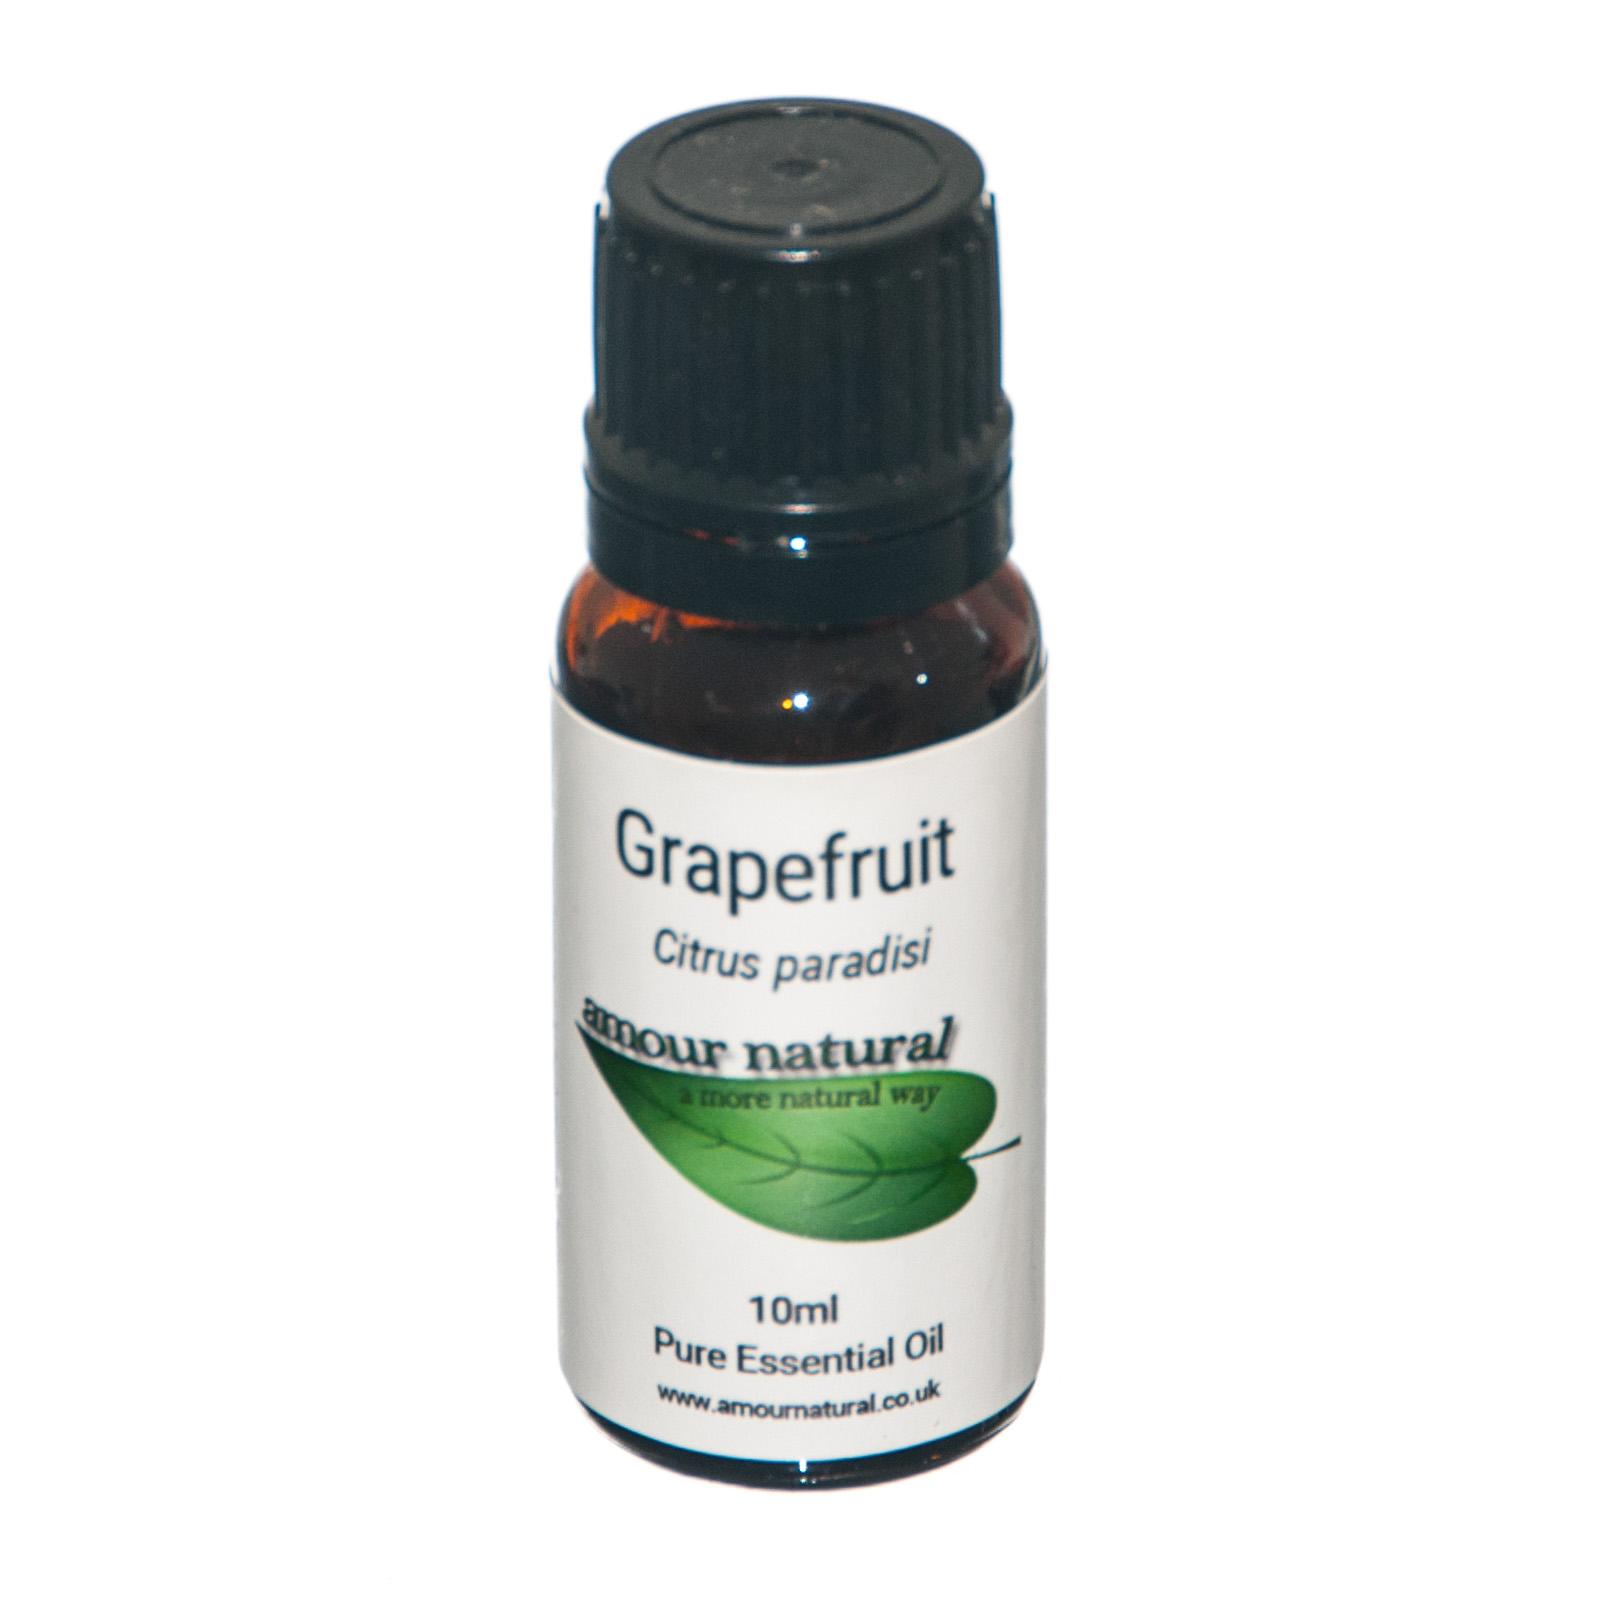 Grapefruit Oil 10ml